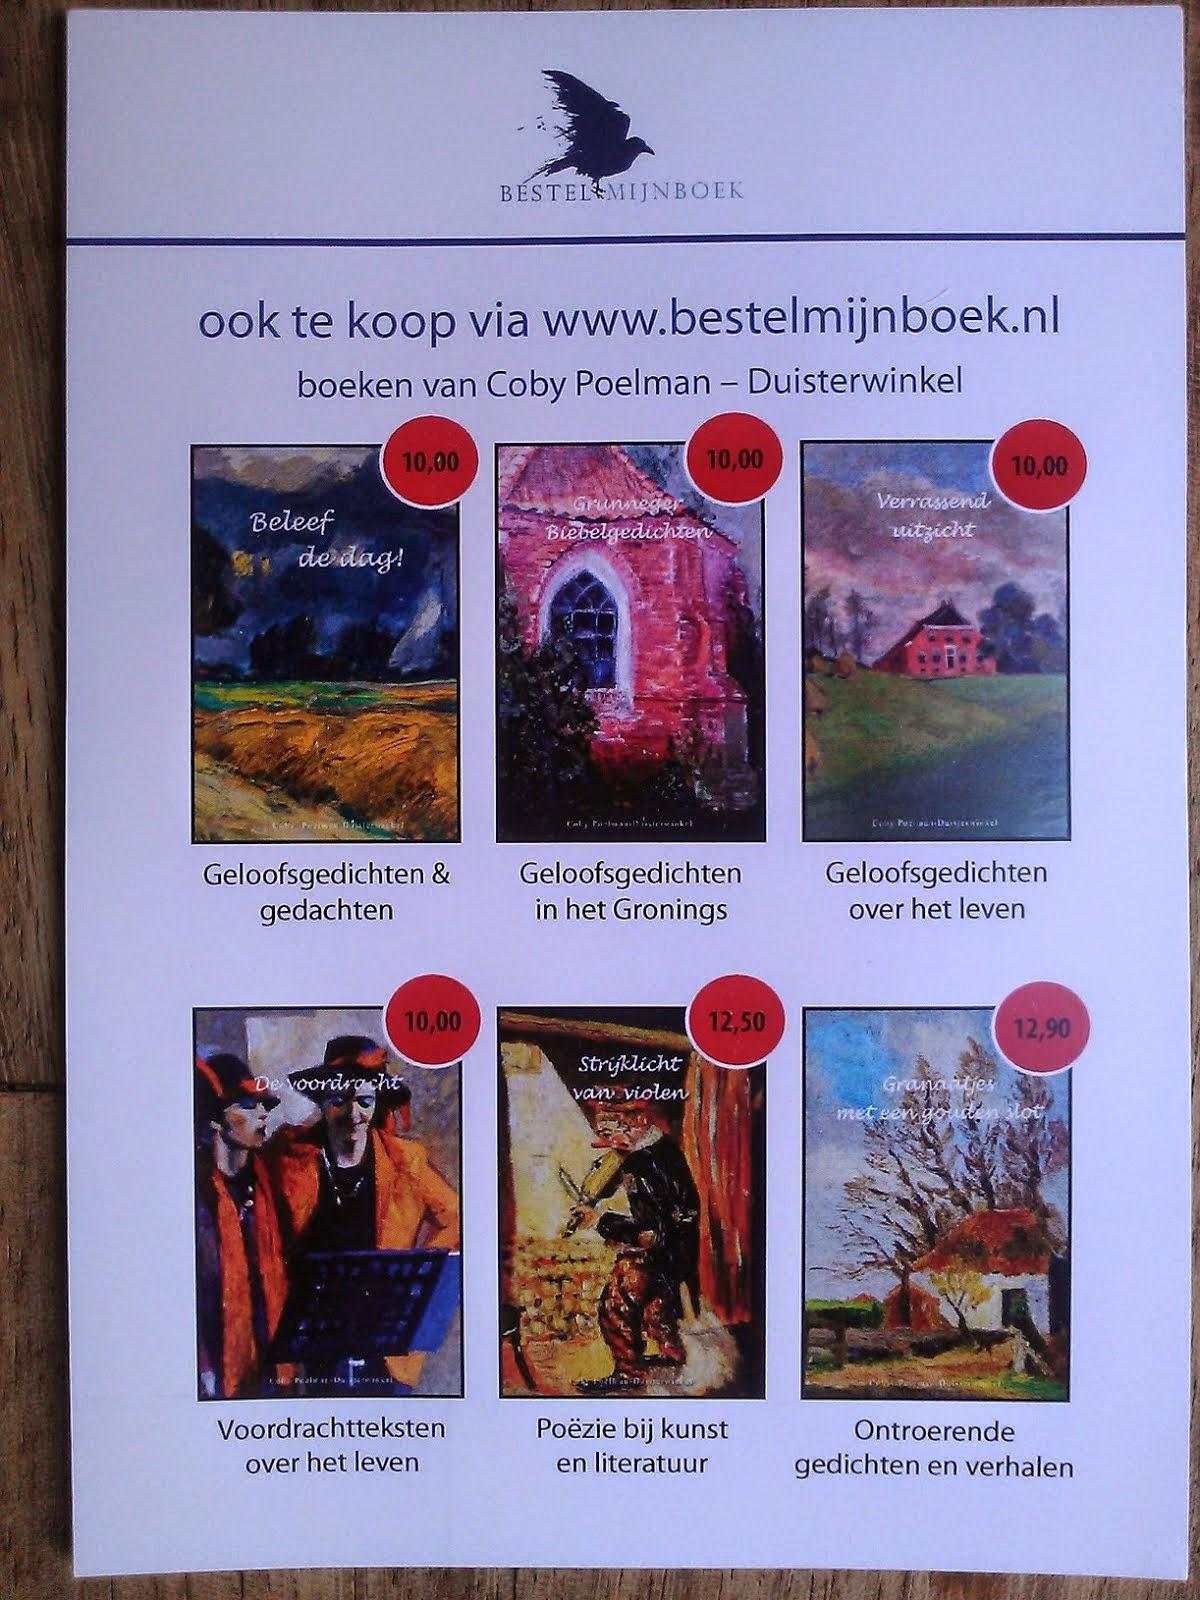 Boeken verkrijgbaar via bol.com en de boekhandel, voor een preview kunt u de foto aanklikken.